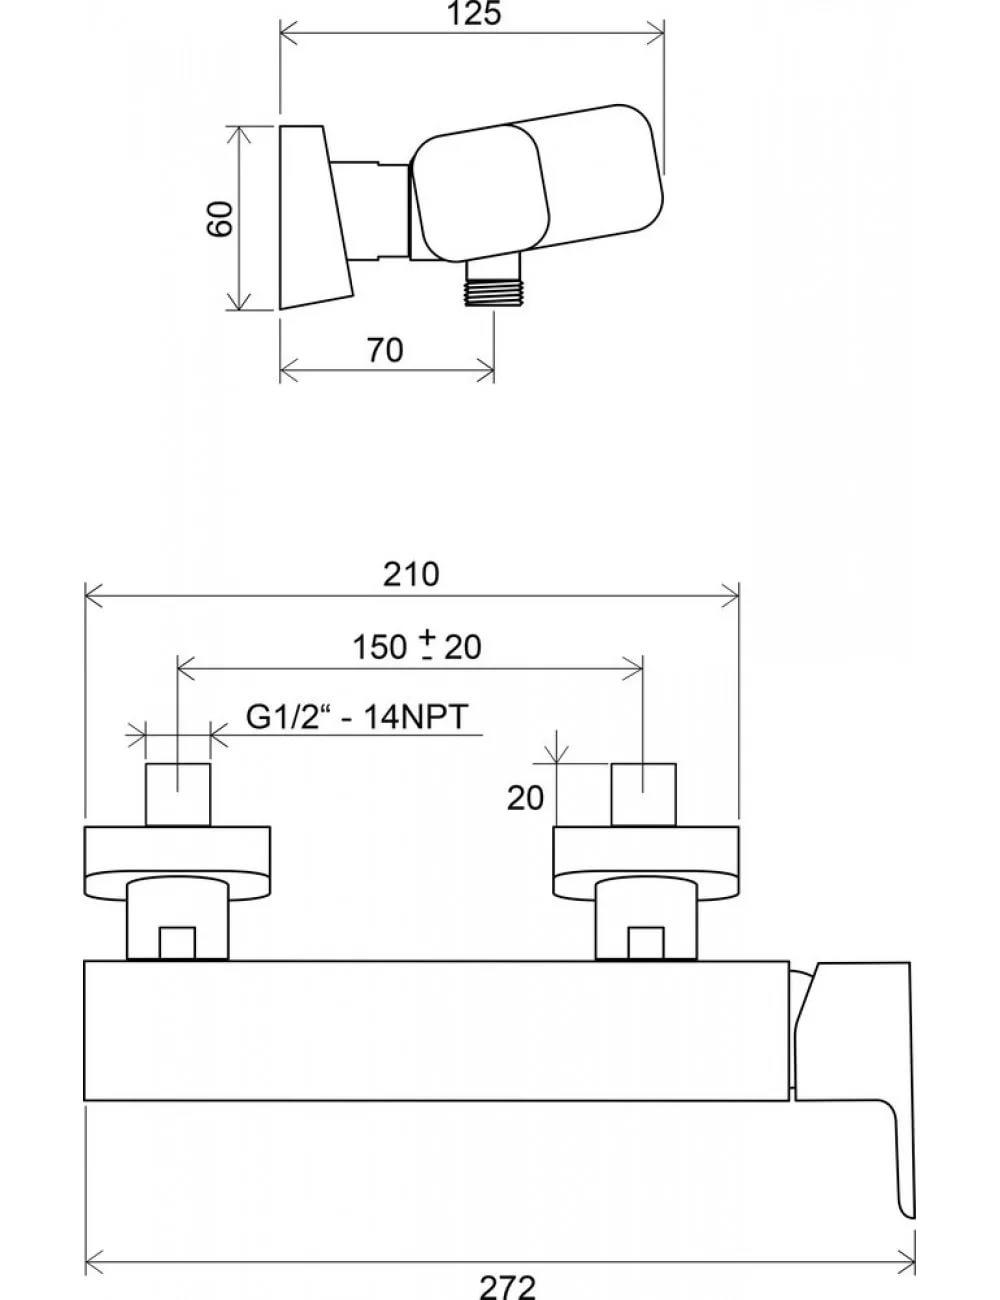 Смеситель для душа Ravak 10° TD 032.00/150 мм, X070066